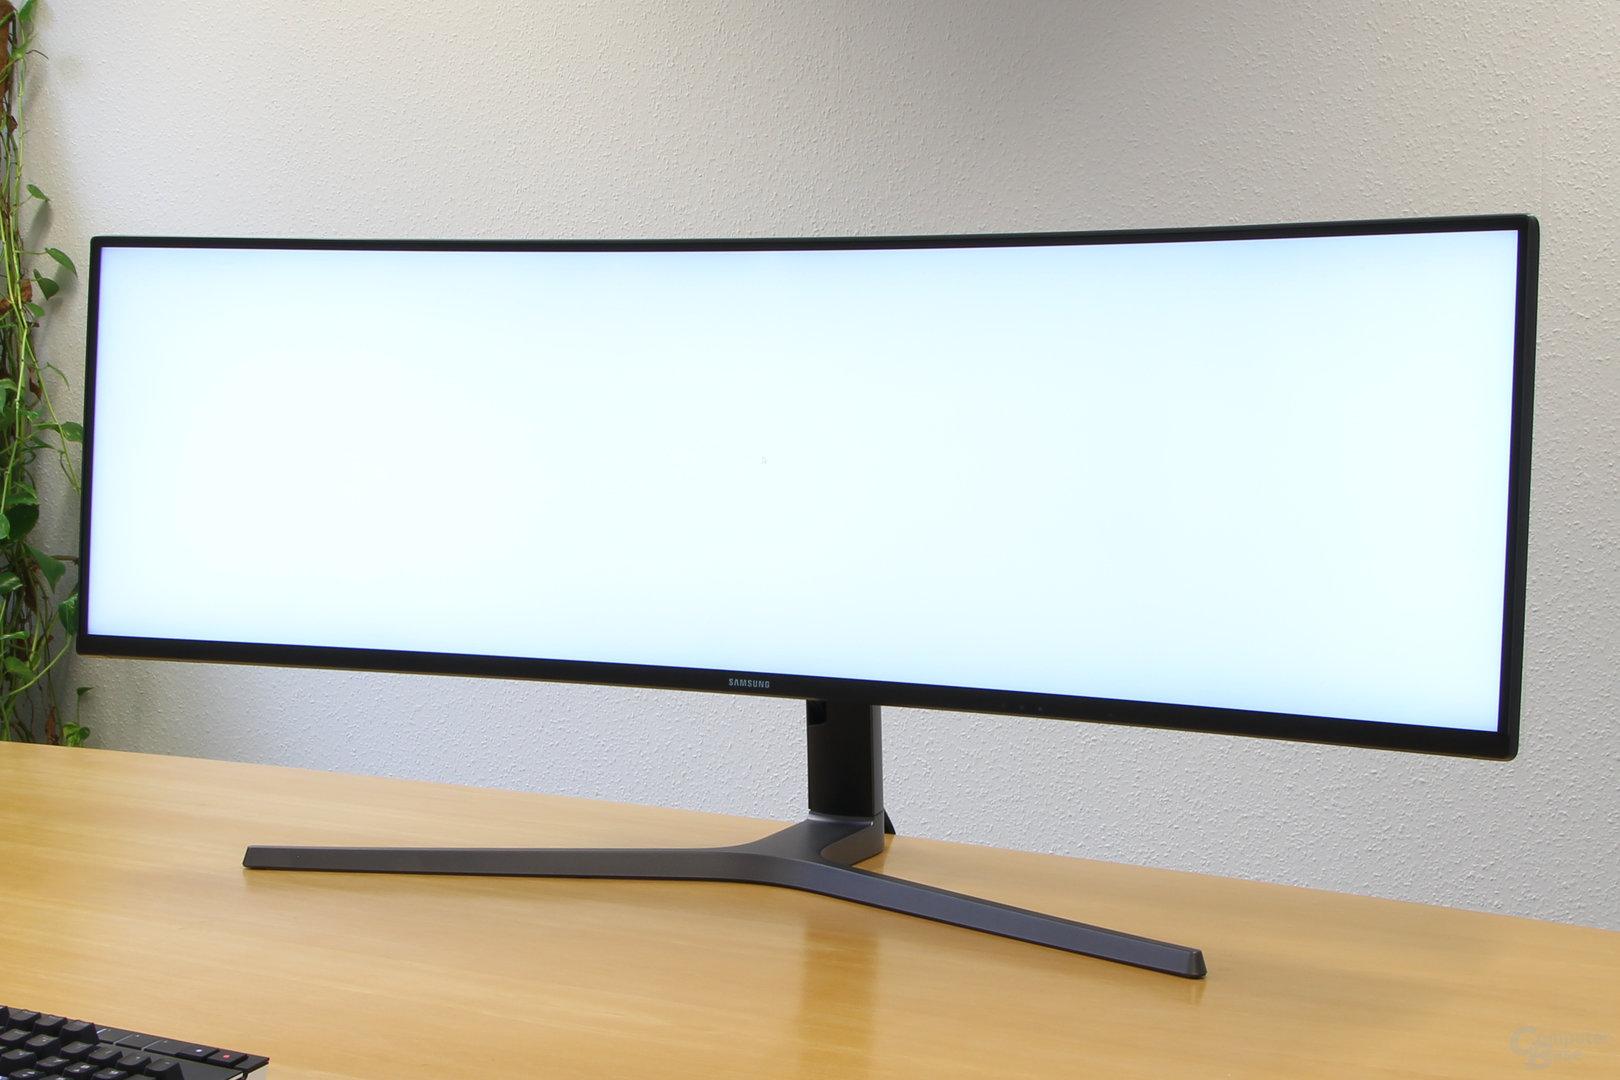 Samsung C49HG90 – Dunkle Ränder auch bei heller Umgebung sichtbar